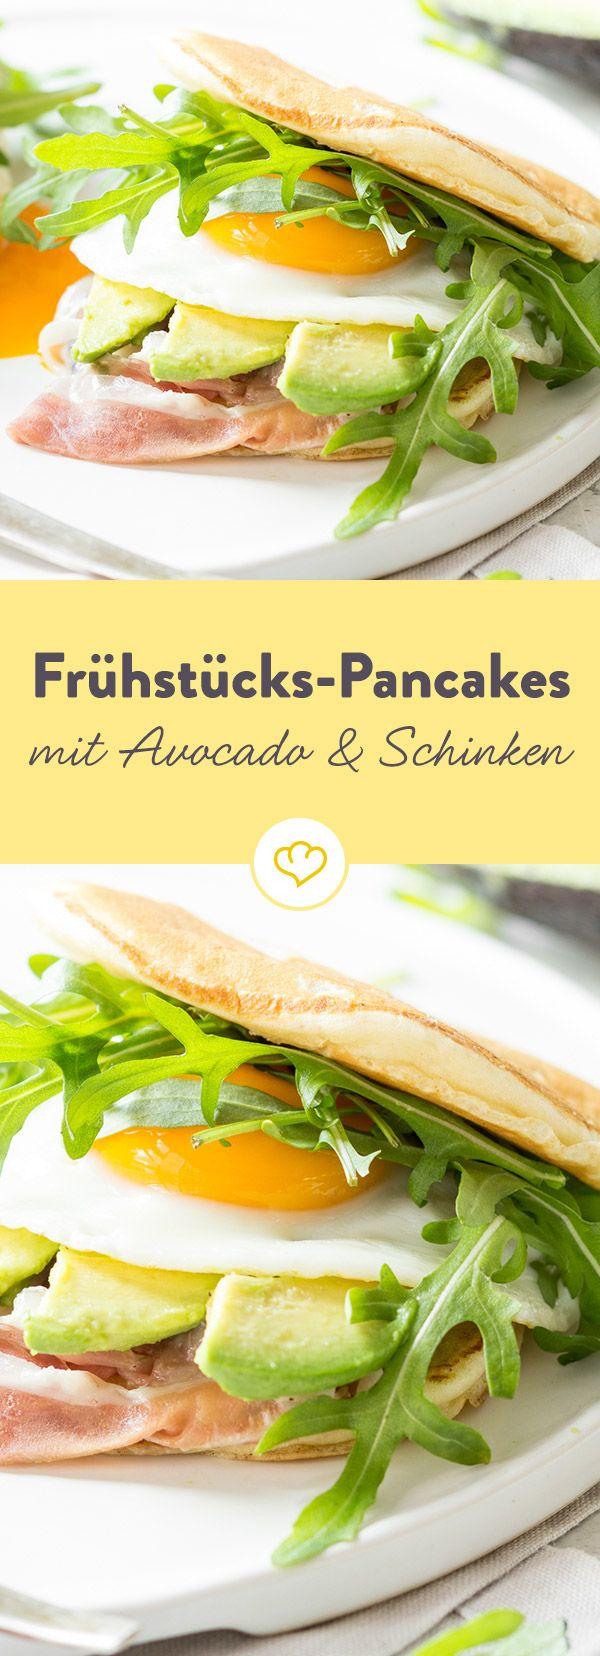 Pancake hoch zwei! Frühstücksburger mit Avocado und Schinken